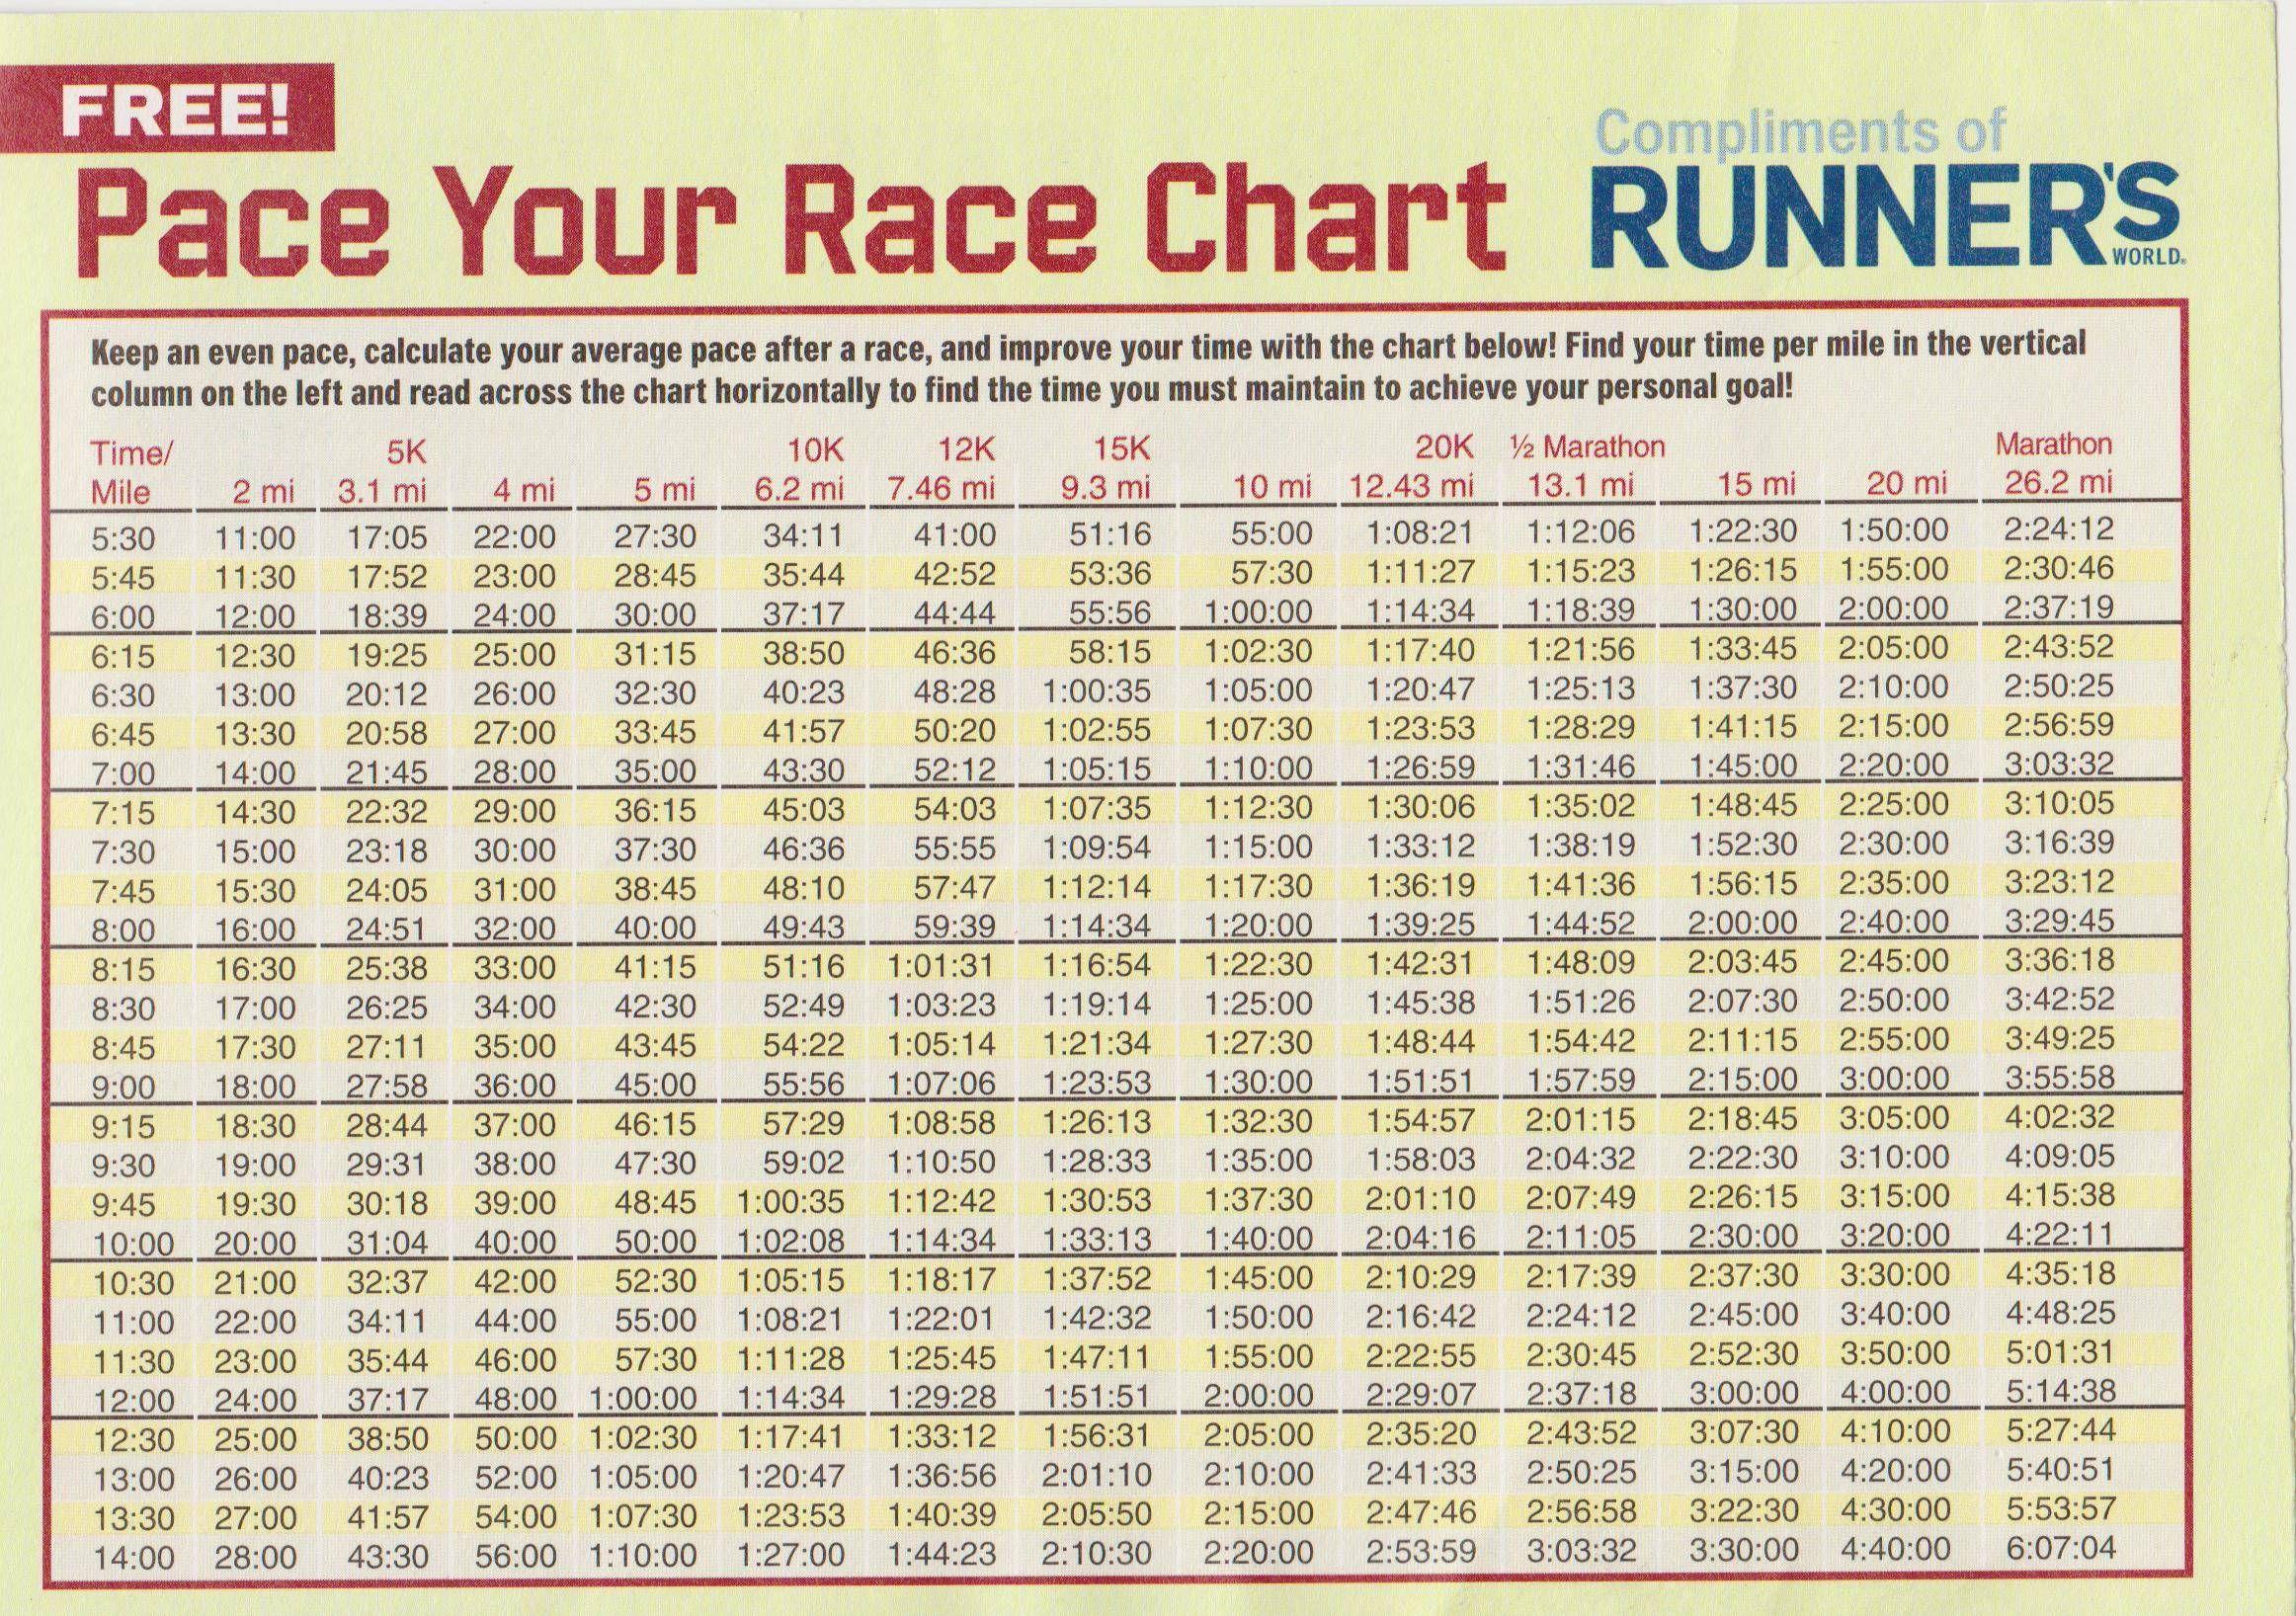 Marathon pace chart google search runner girl pinterest